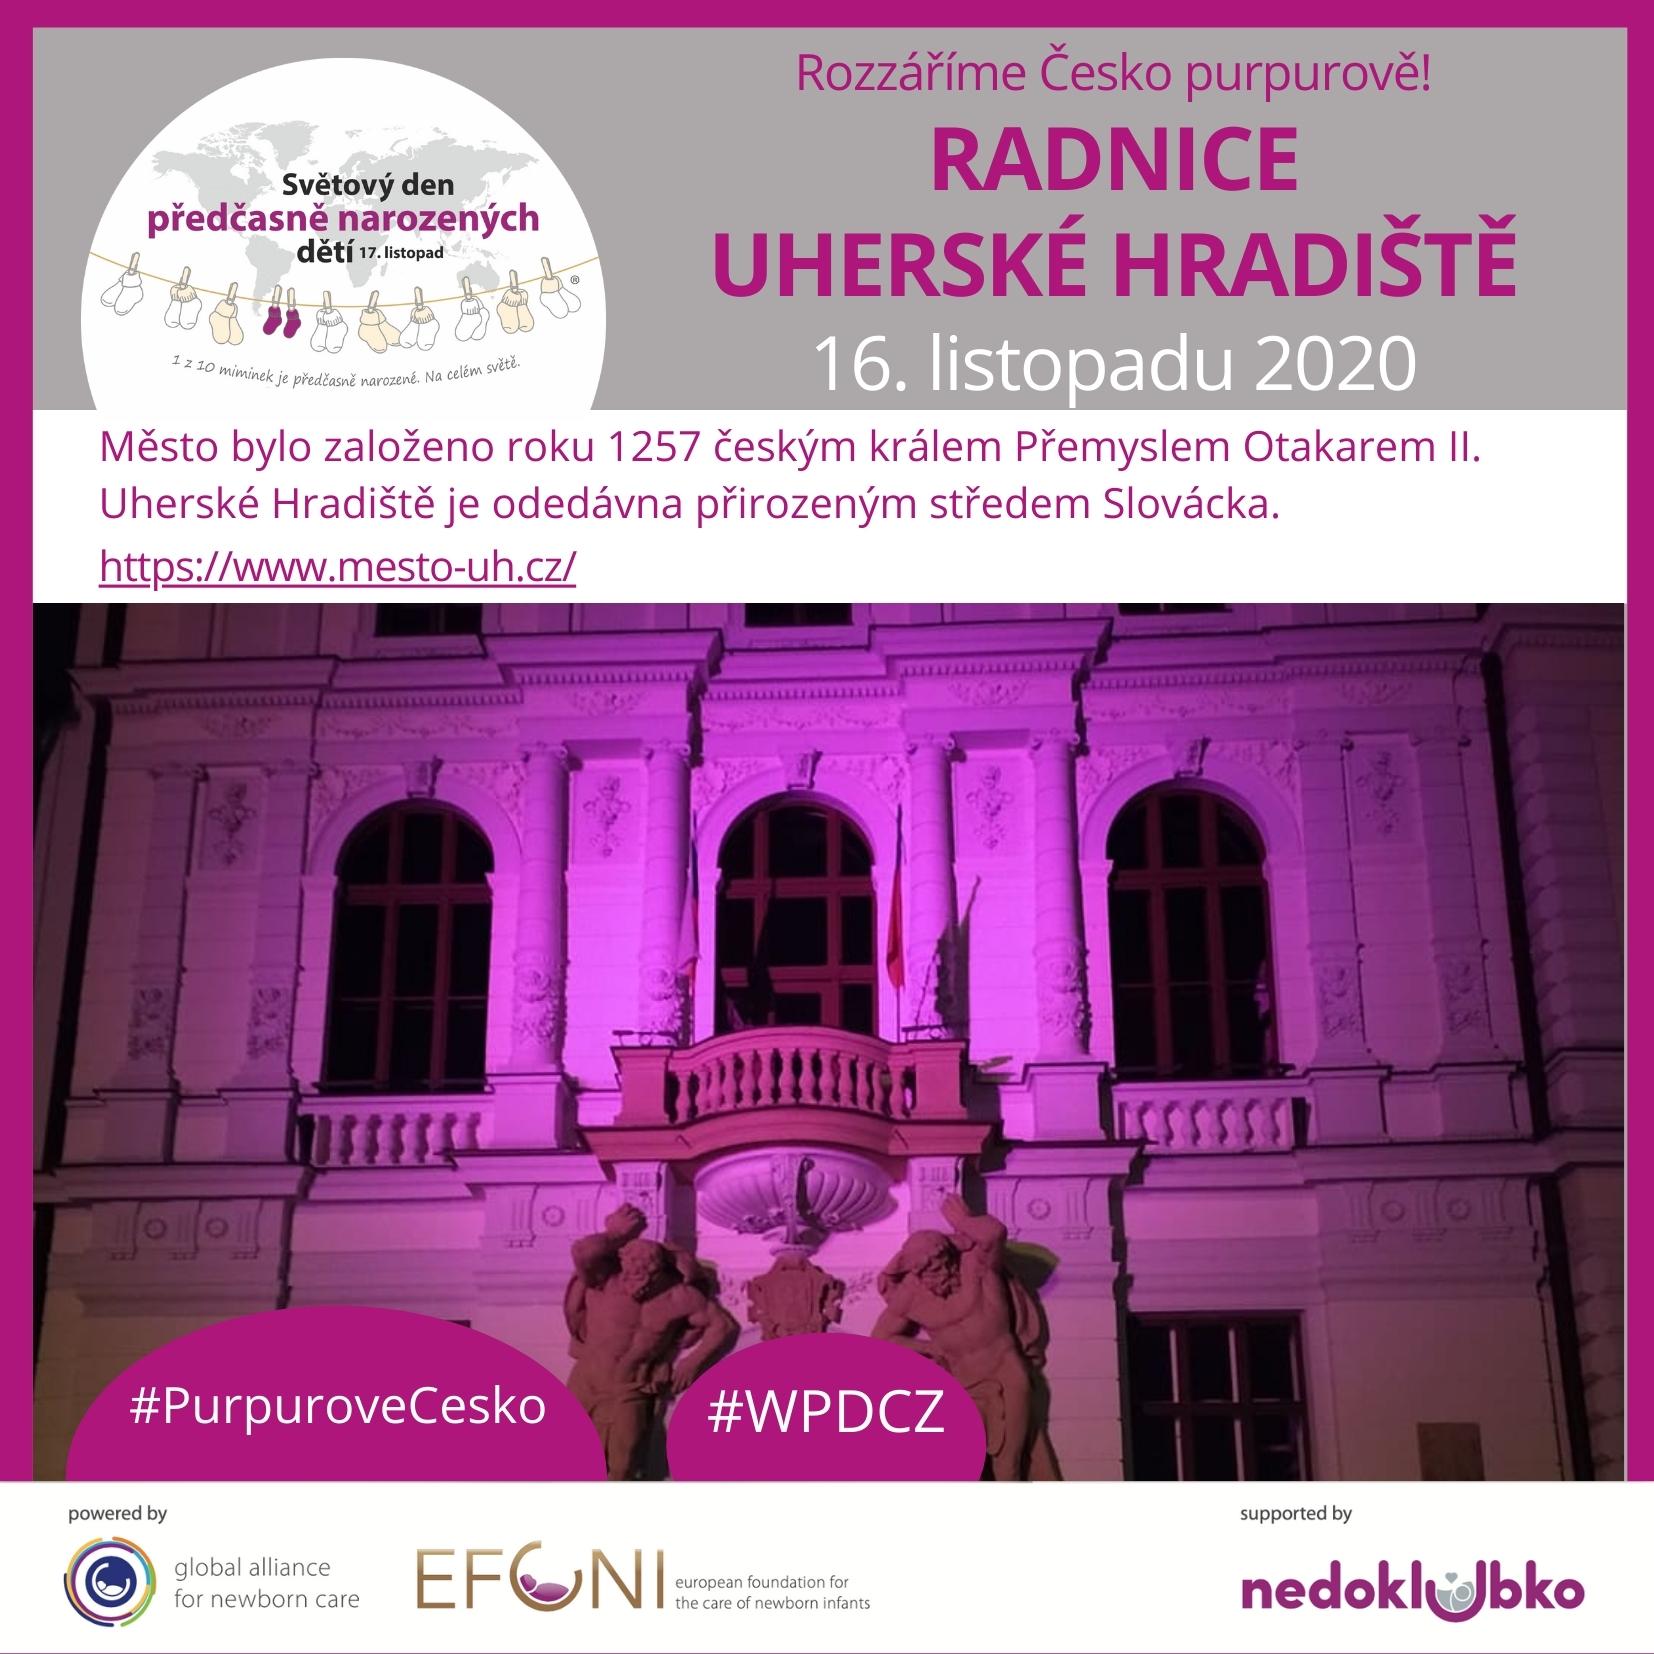 purpuroveCesko_RADNICE UHERSKE HRADISTE